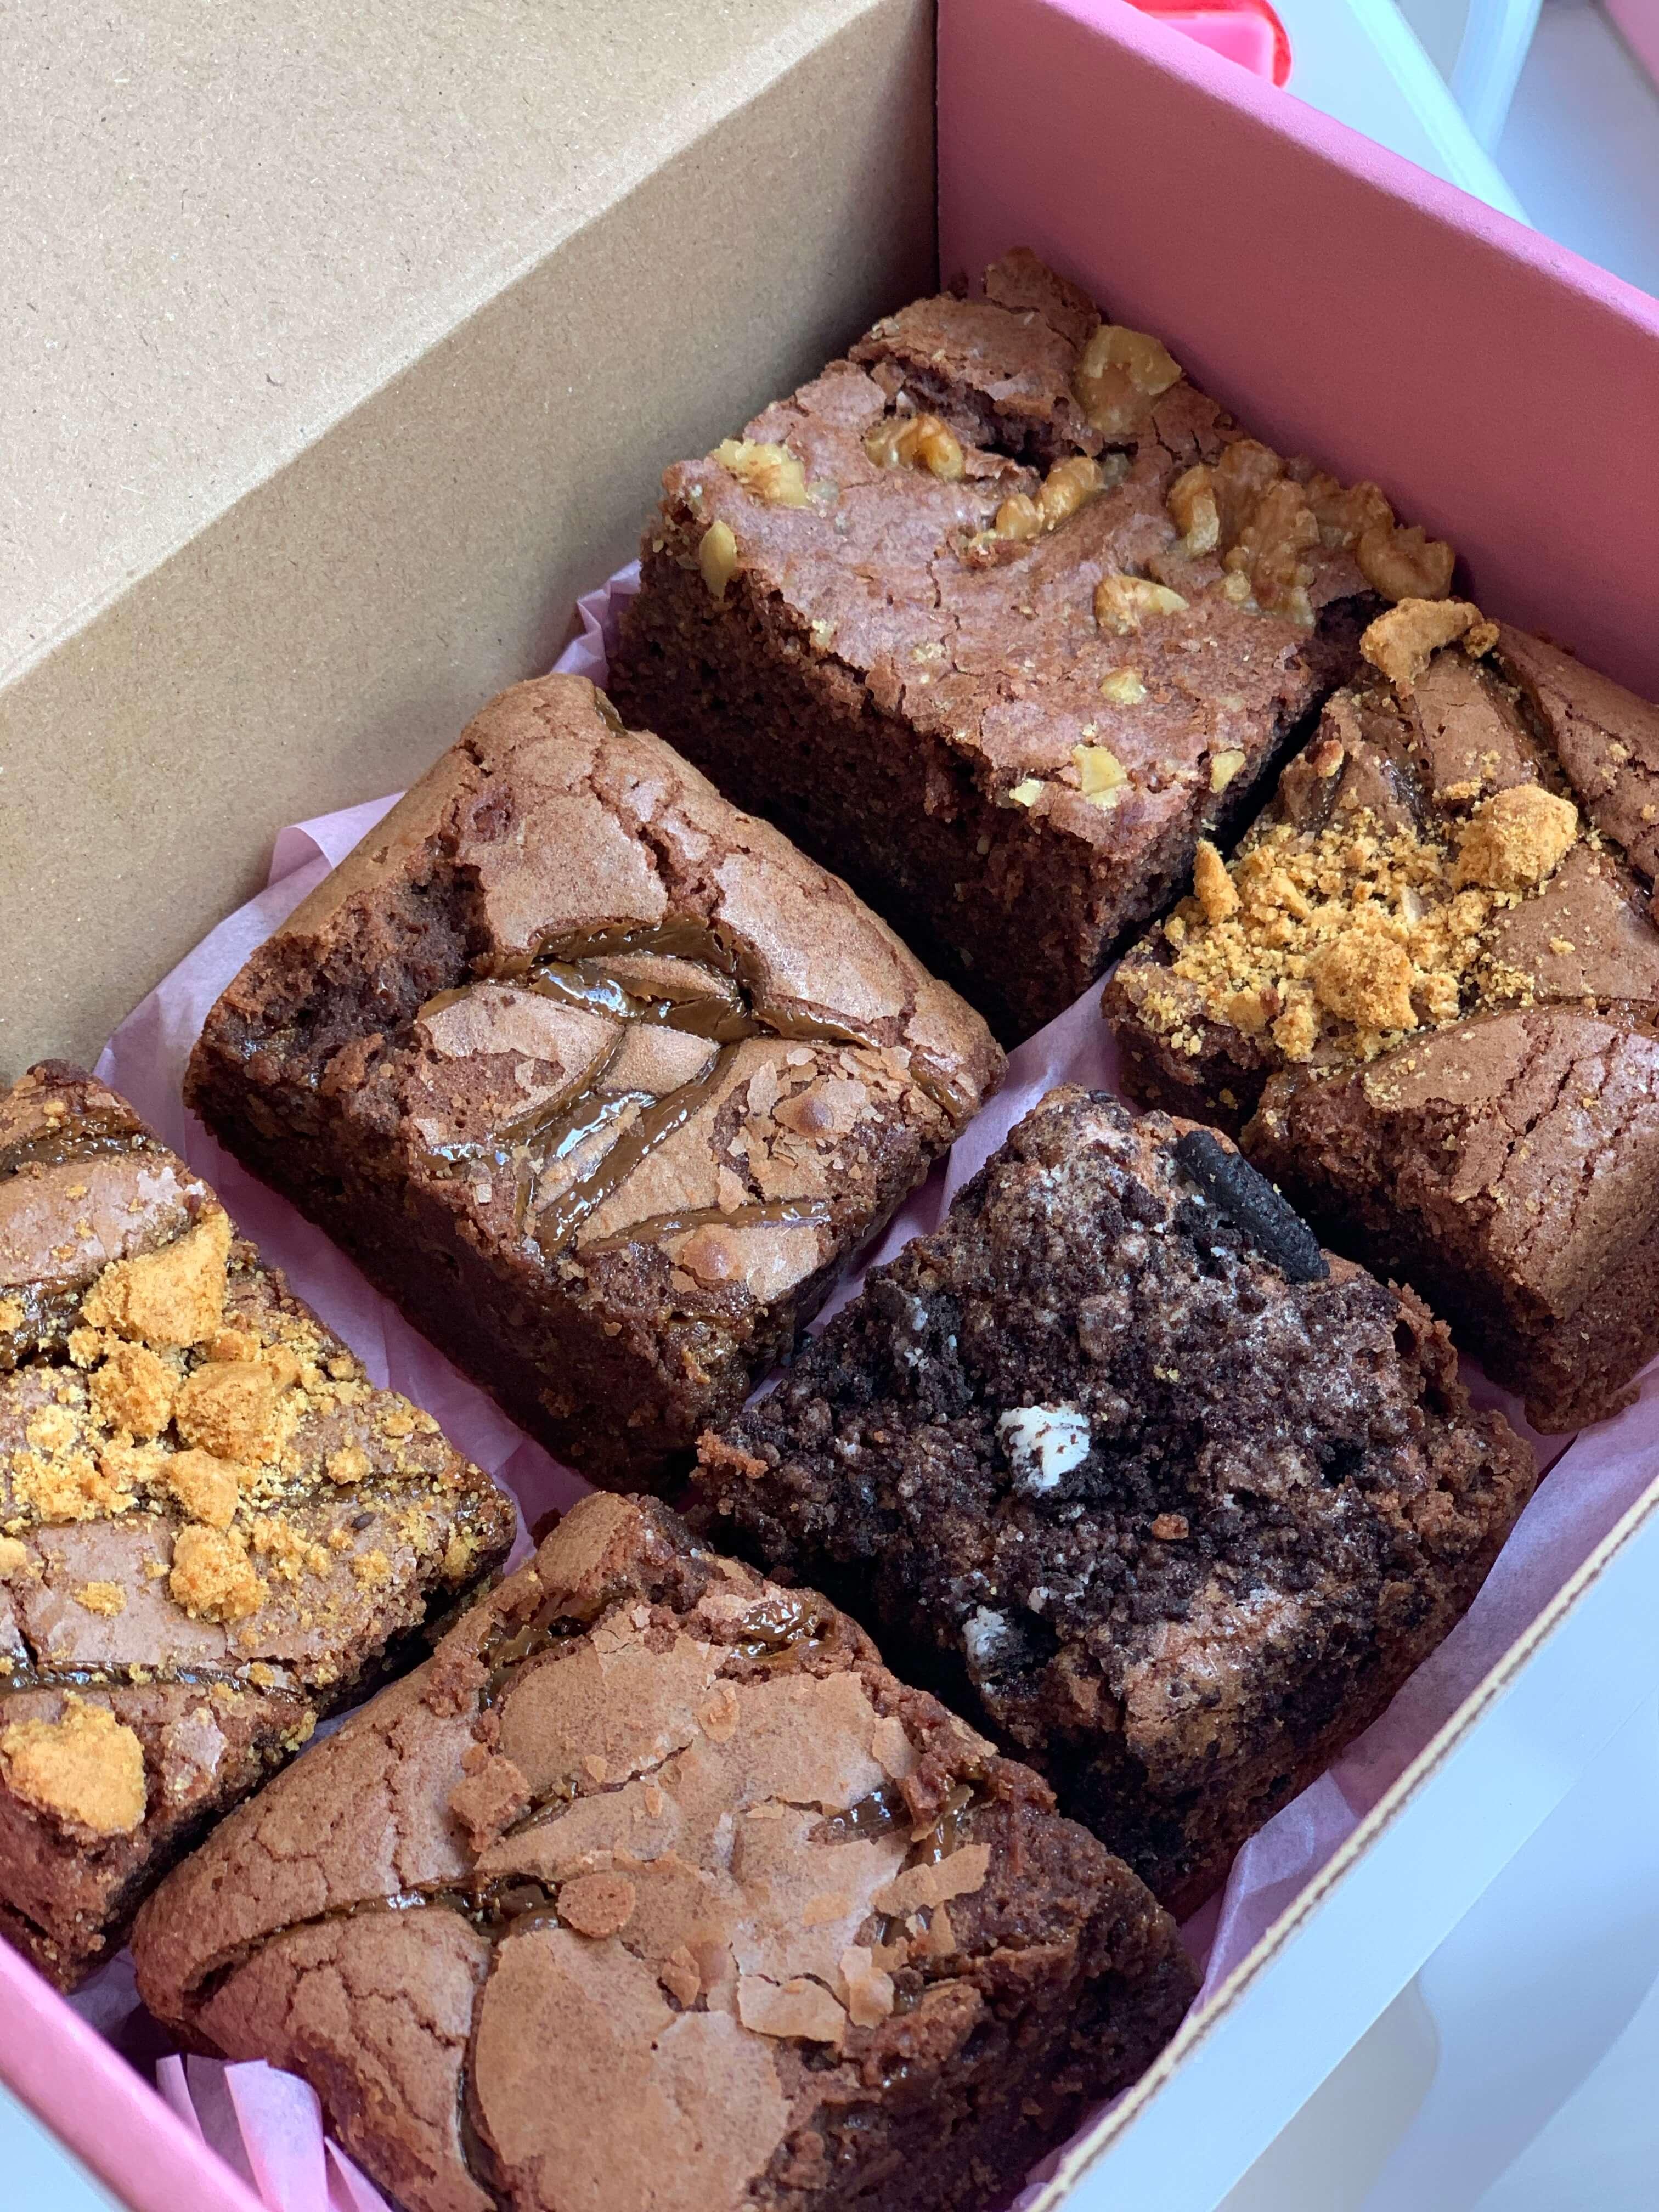 brownie de chocolate dentro de una caja de cartón